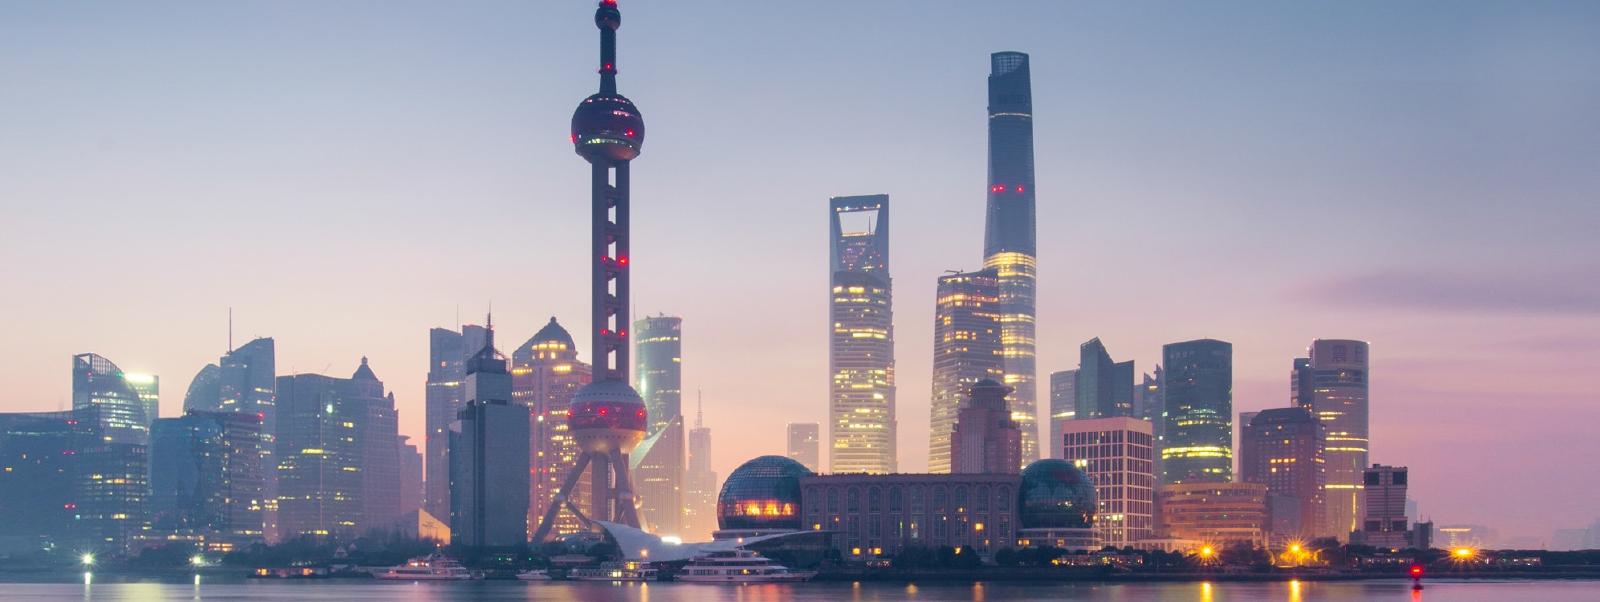 China Insuretech